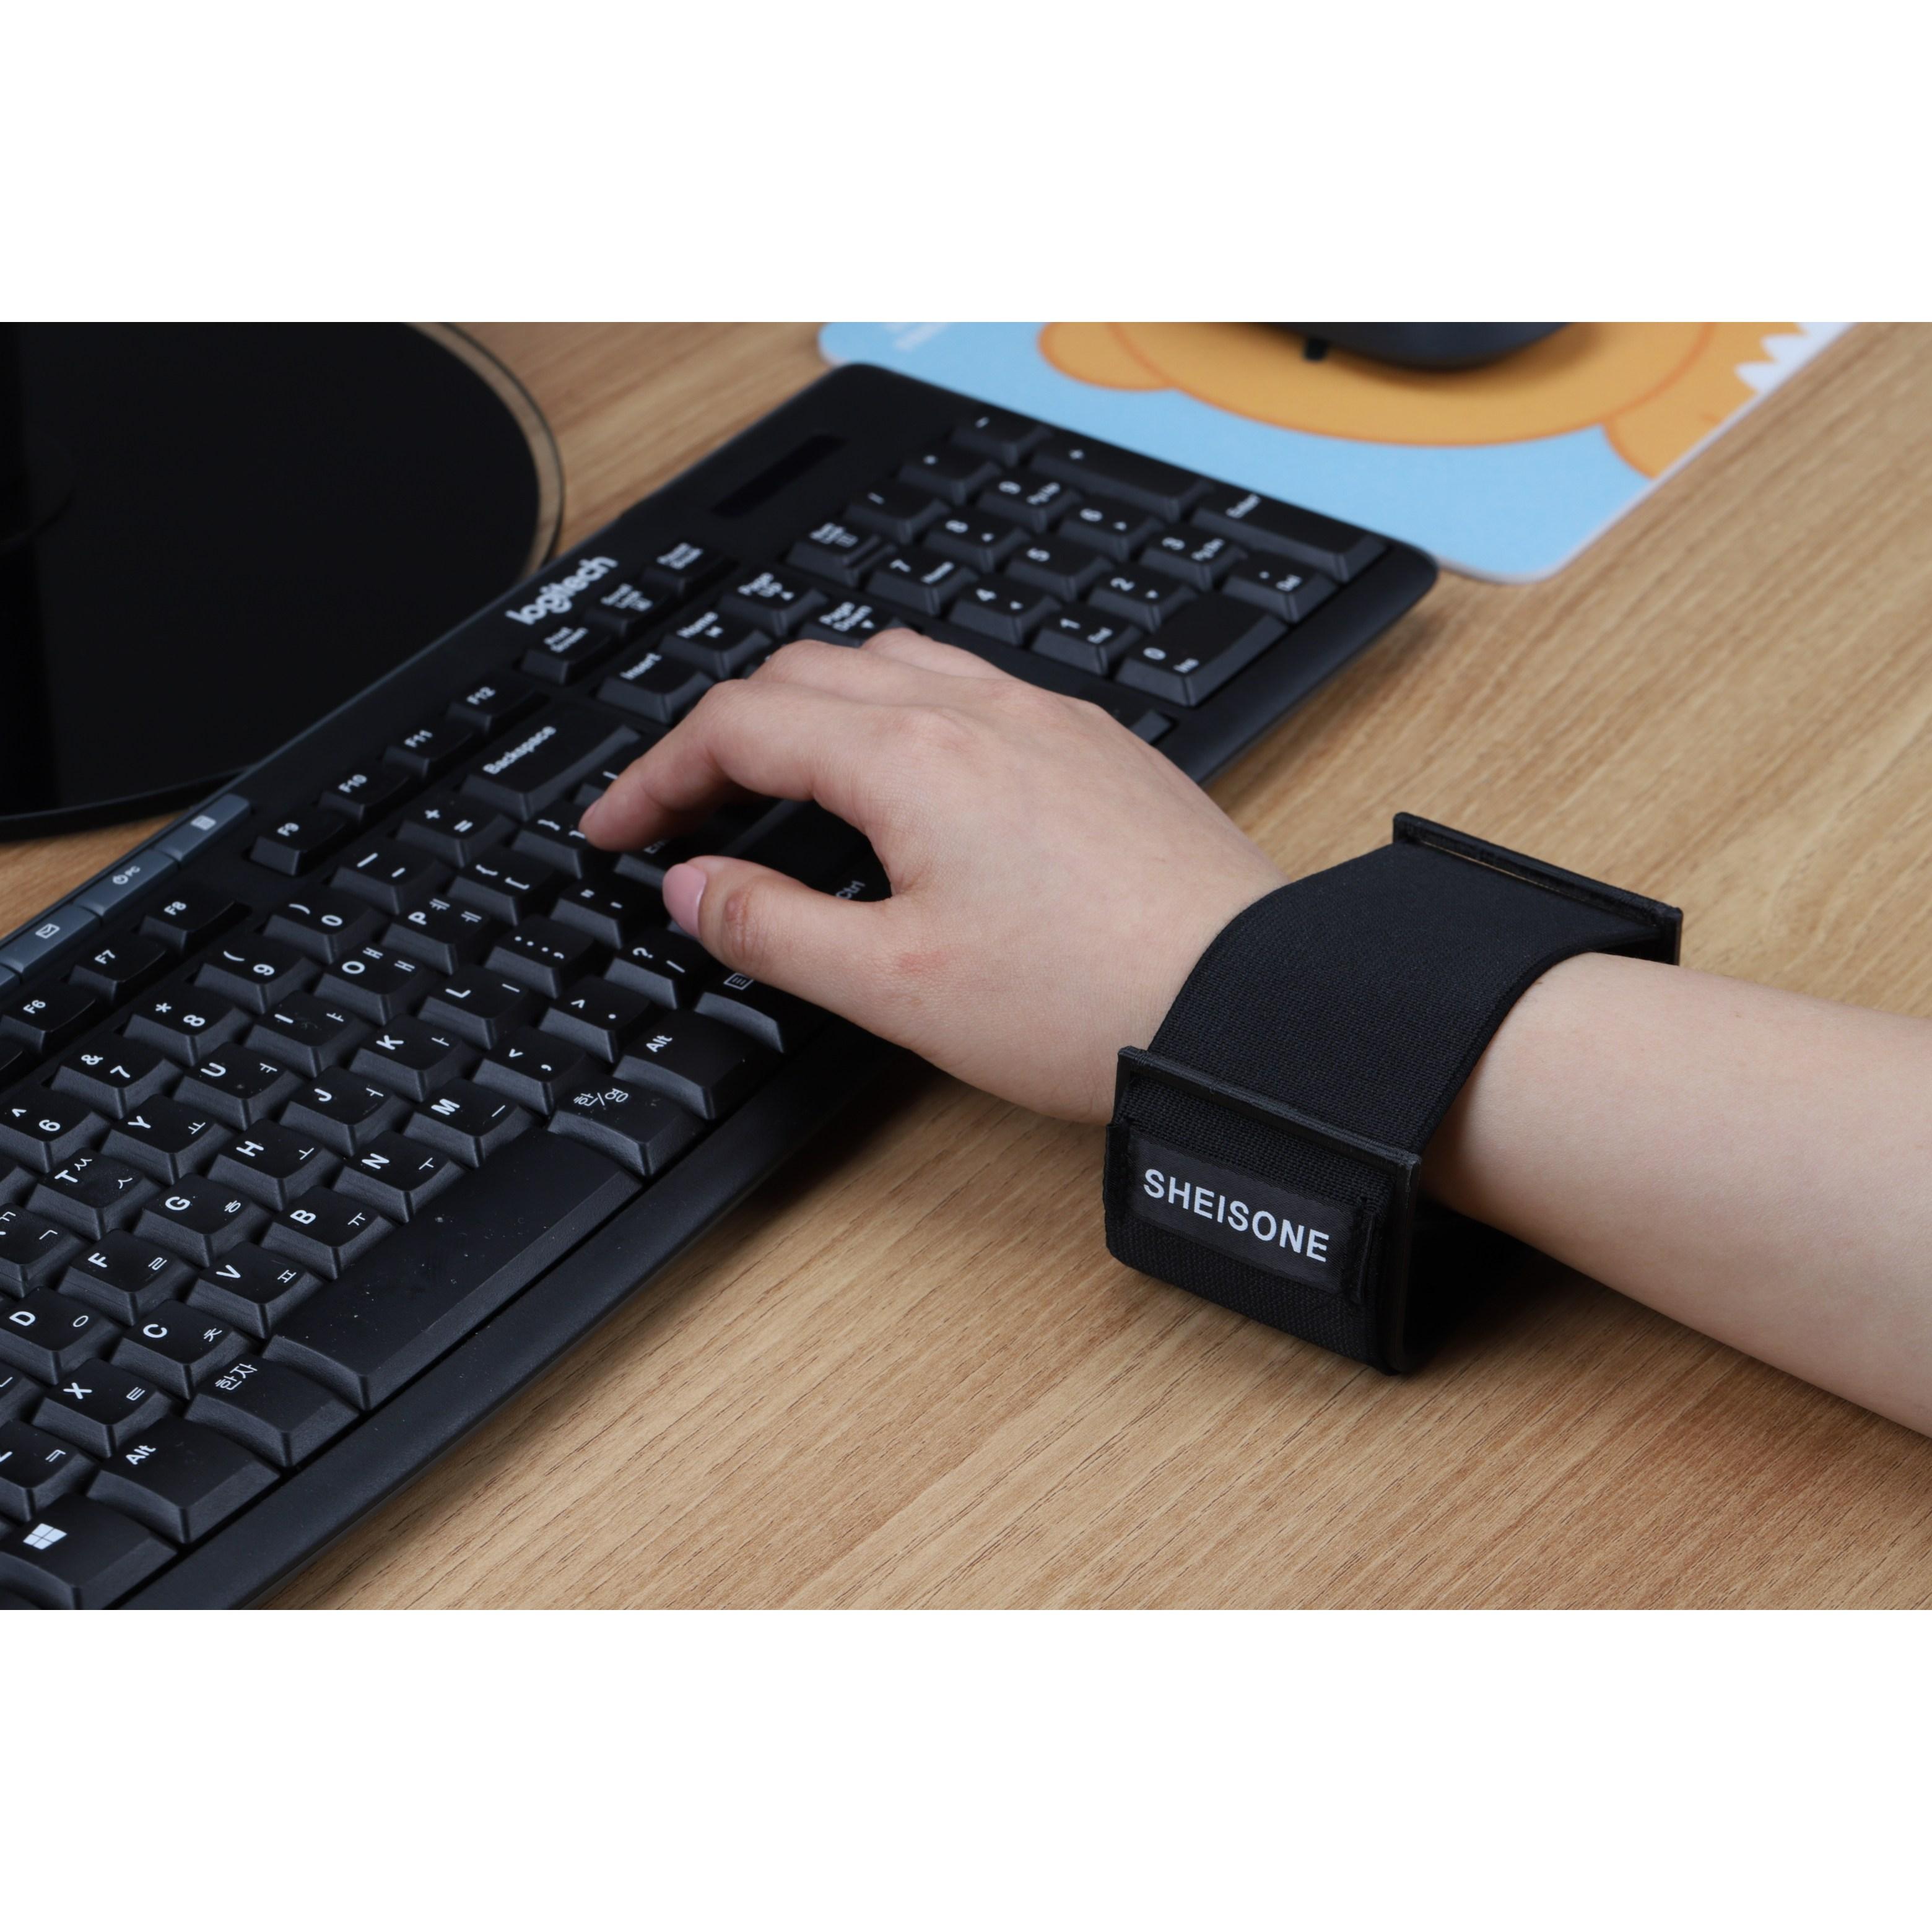 내 손목에 딱 편안한 밴드온 마우스 키보드 컴퓨터 손목 받침대 손목쿠션